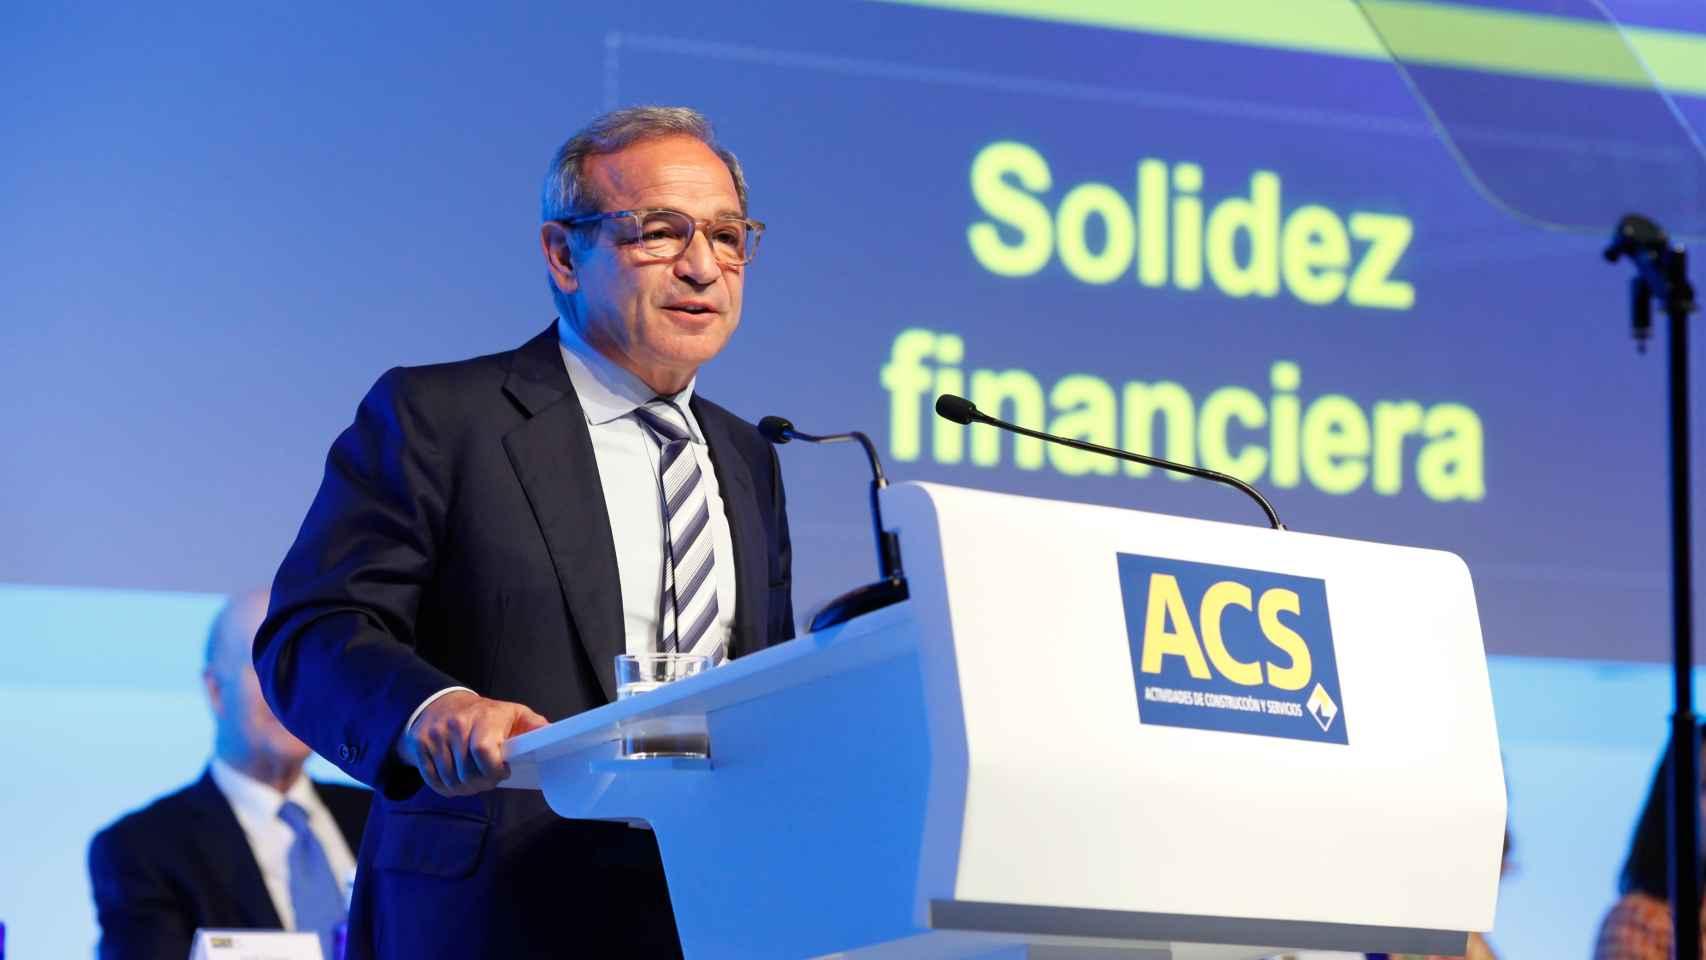 El consejero delegado de ACS y Hochtief, Marcelino Ferández Verdes.